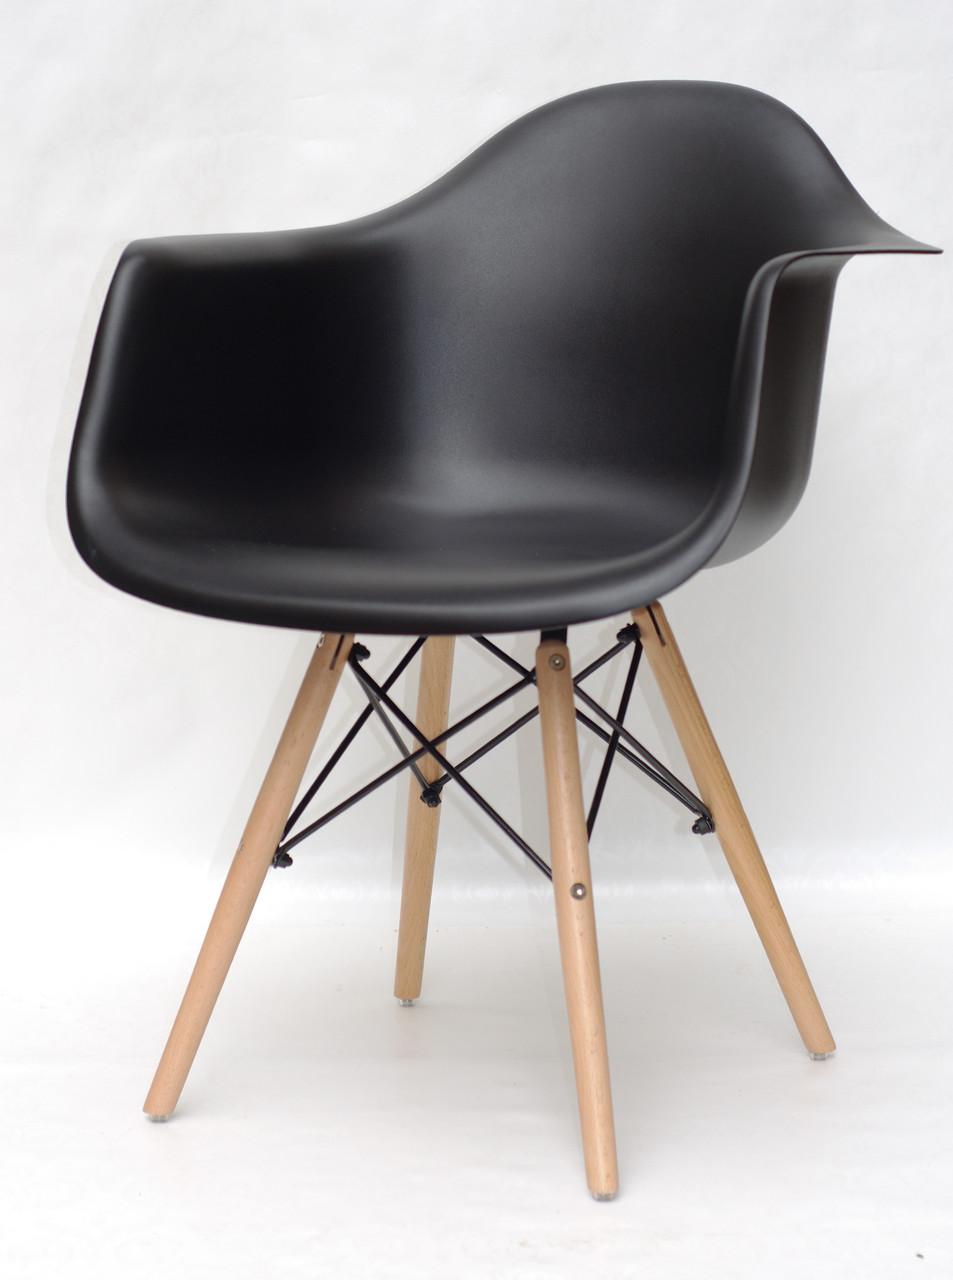 Кресло Leon Леон пластик с ножками из бука